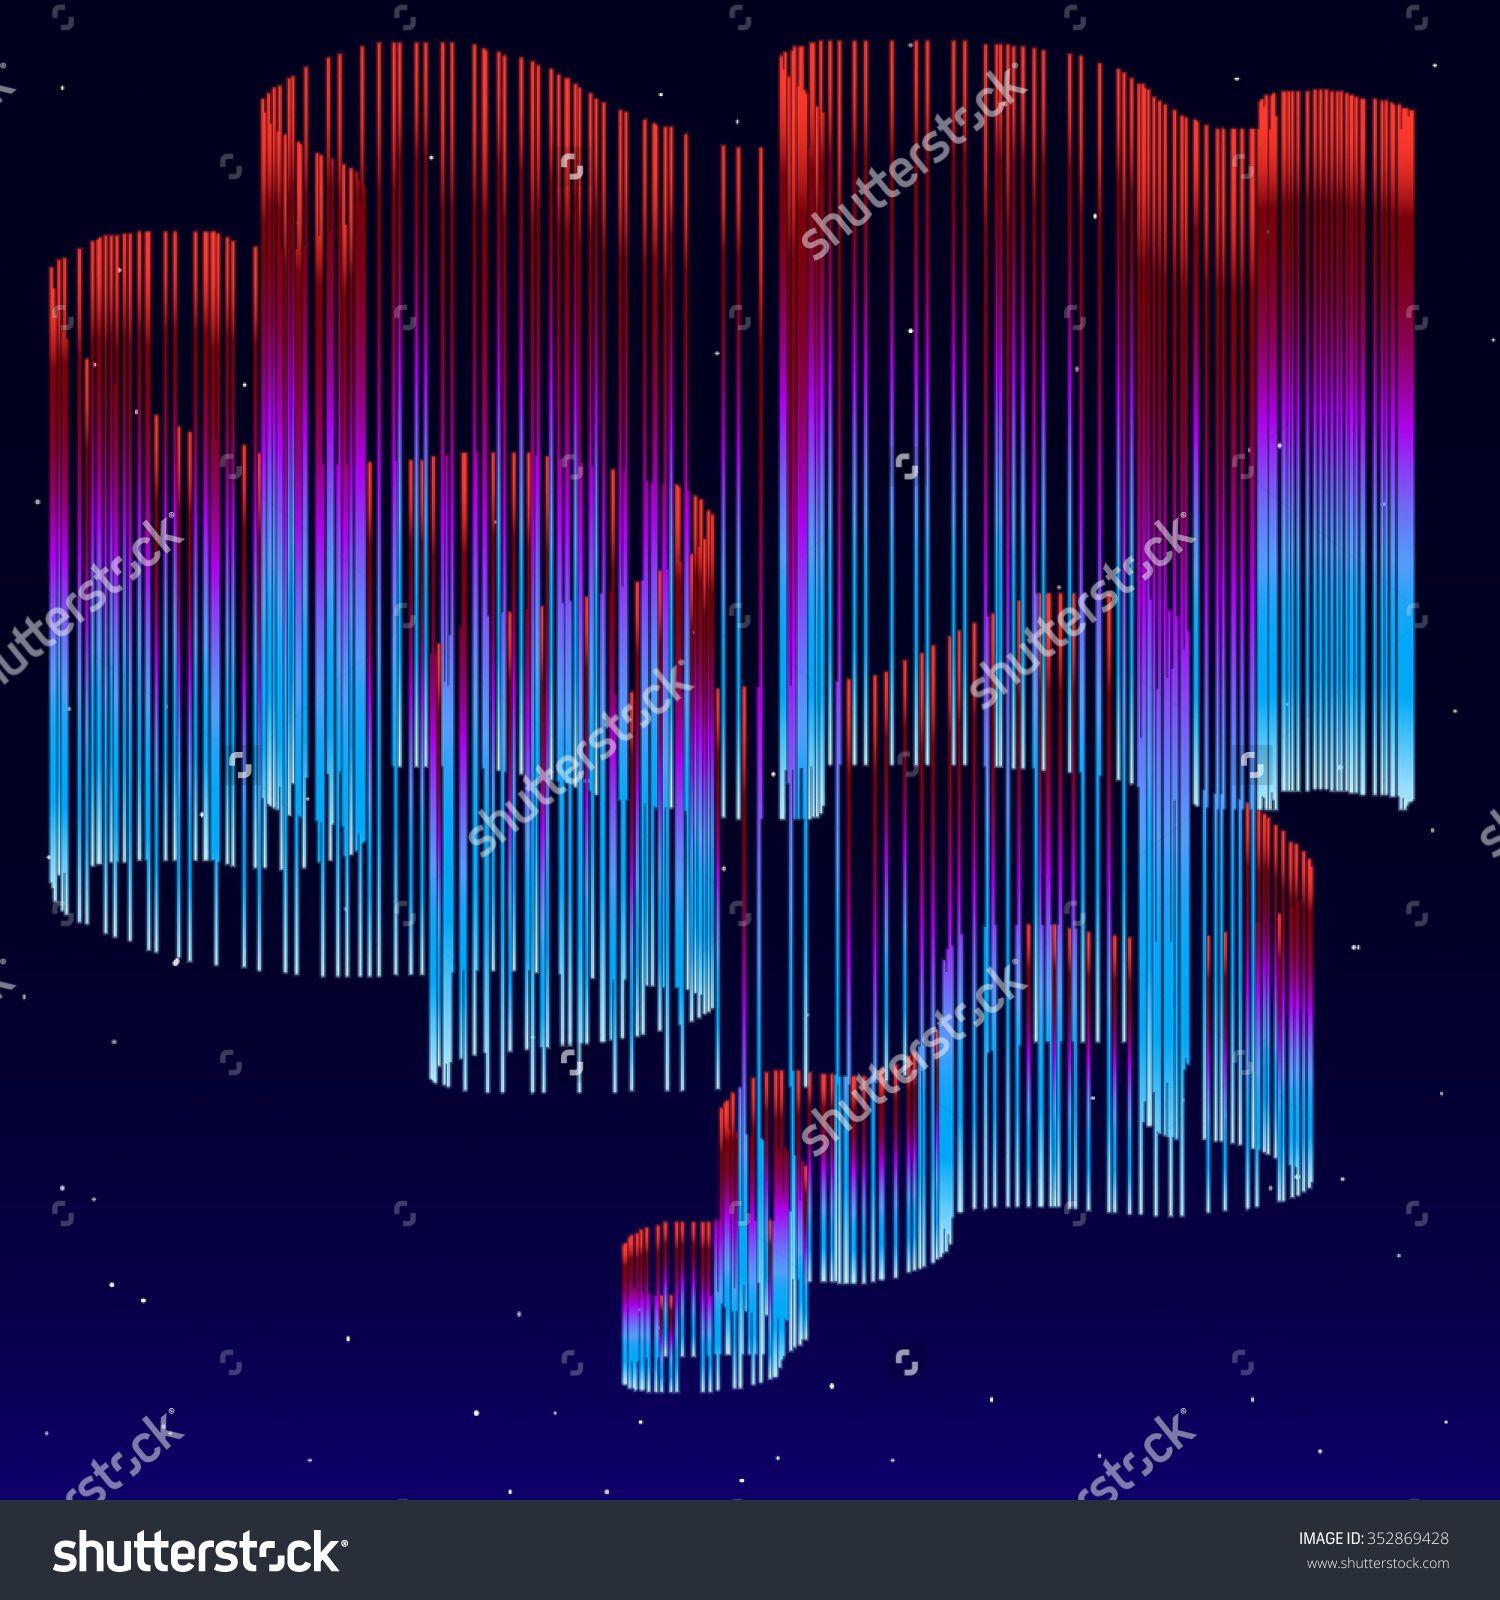 1500x1600 Aurora Borealis Background